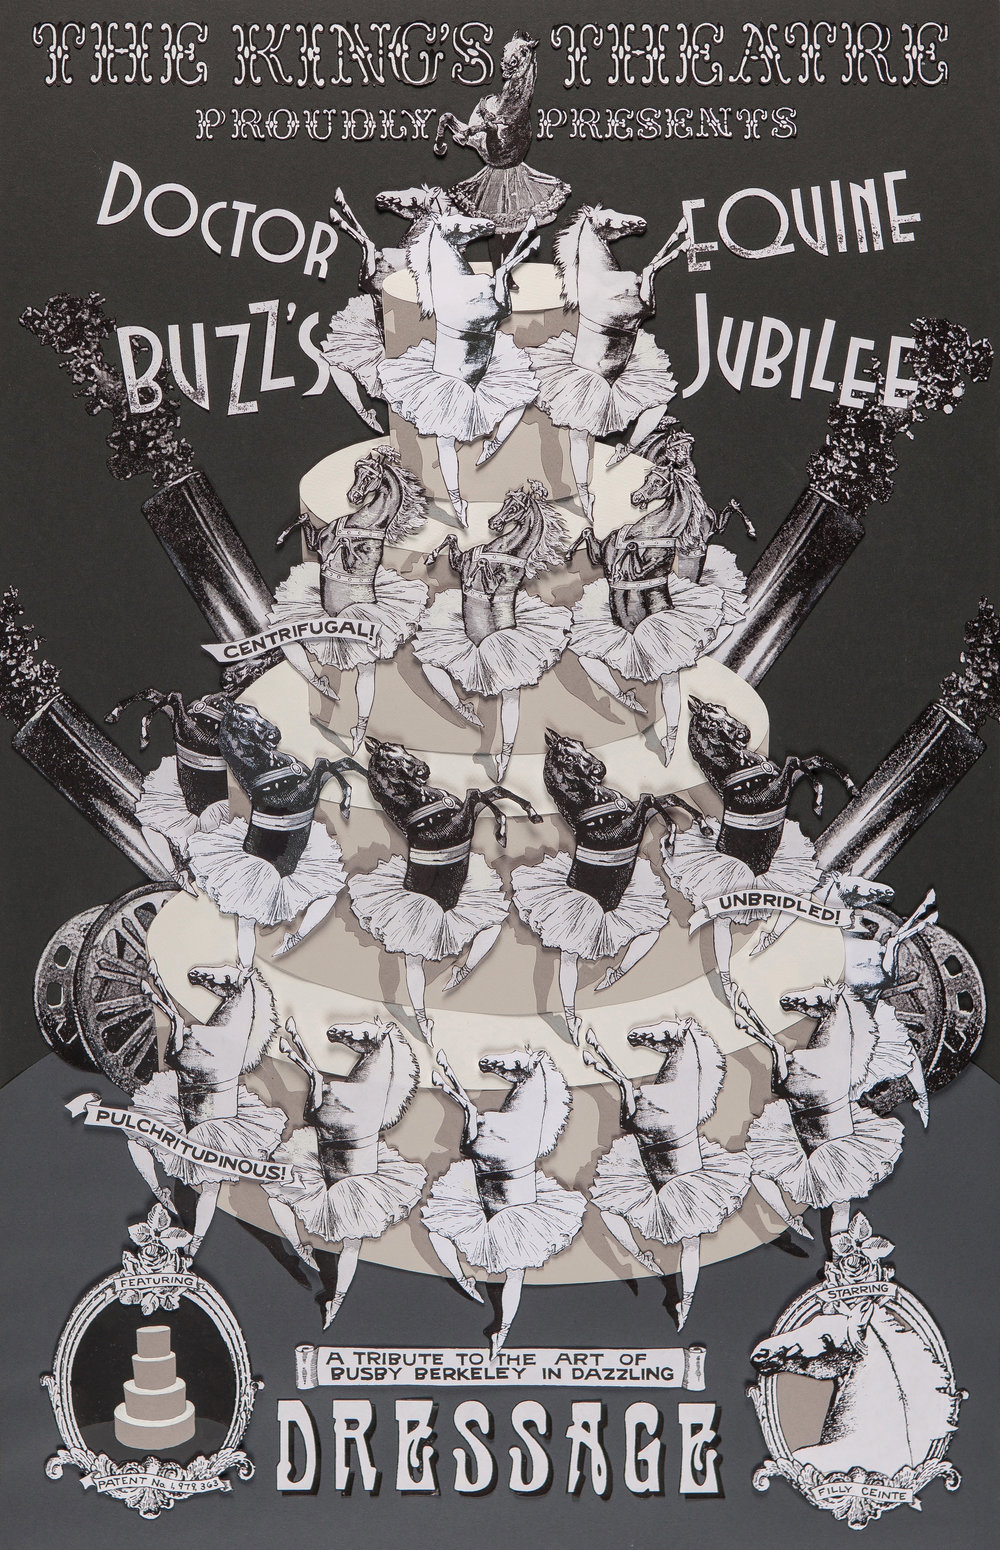 Doctor Buzz's Equine Jubilee